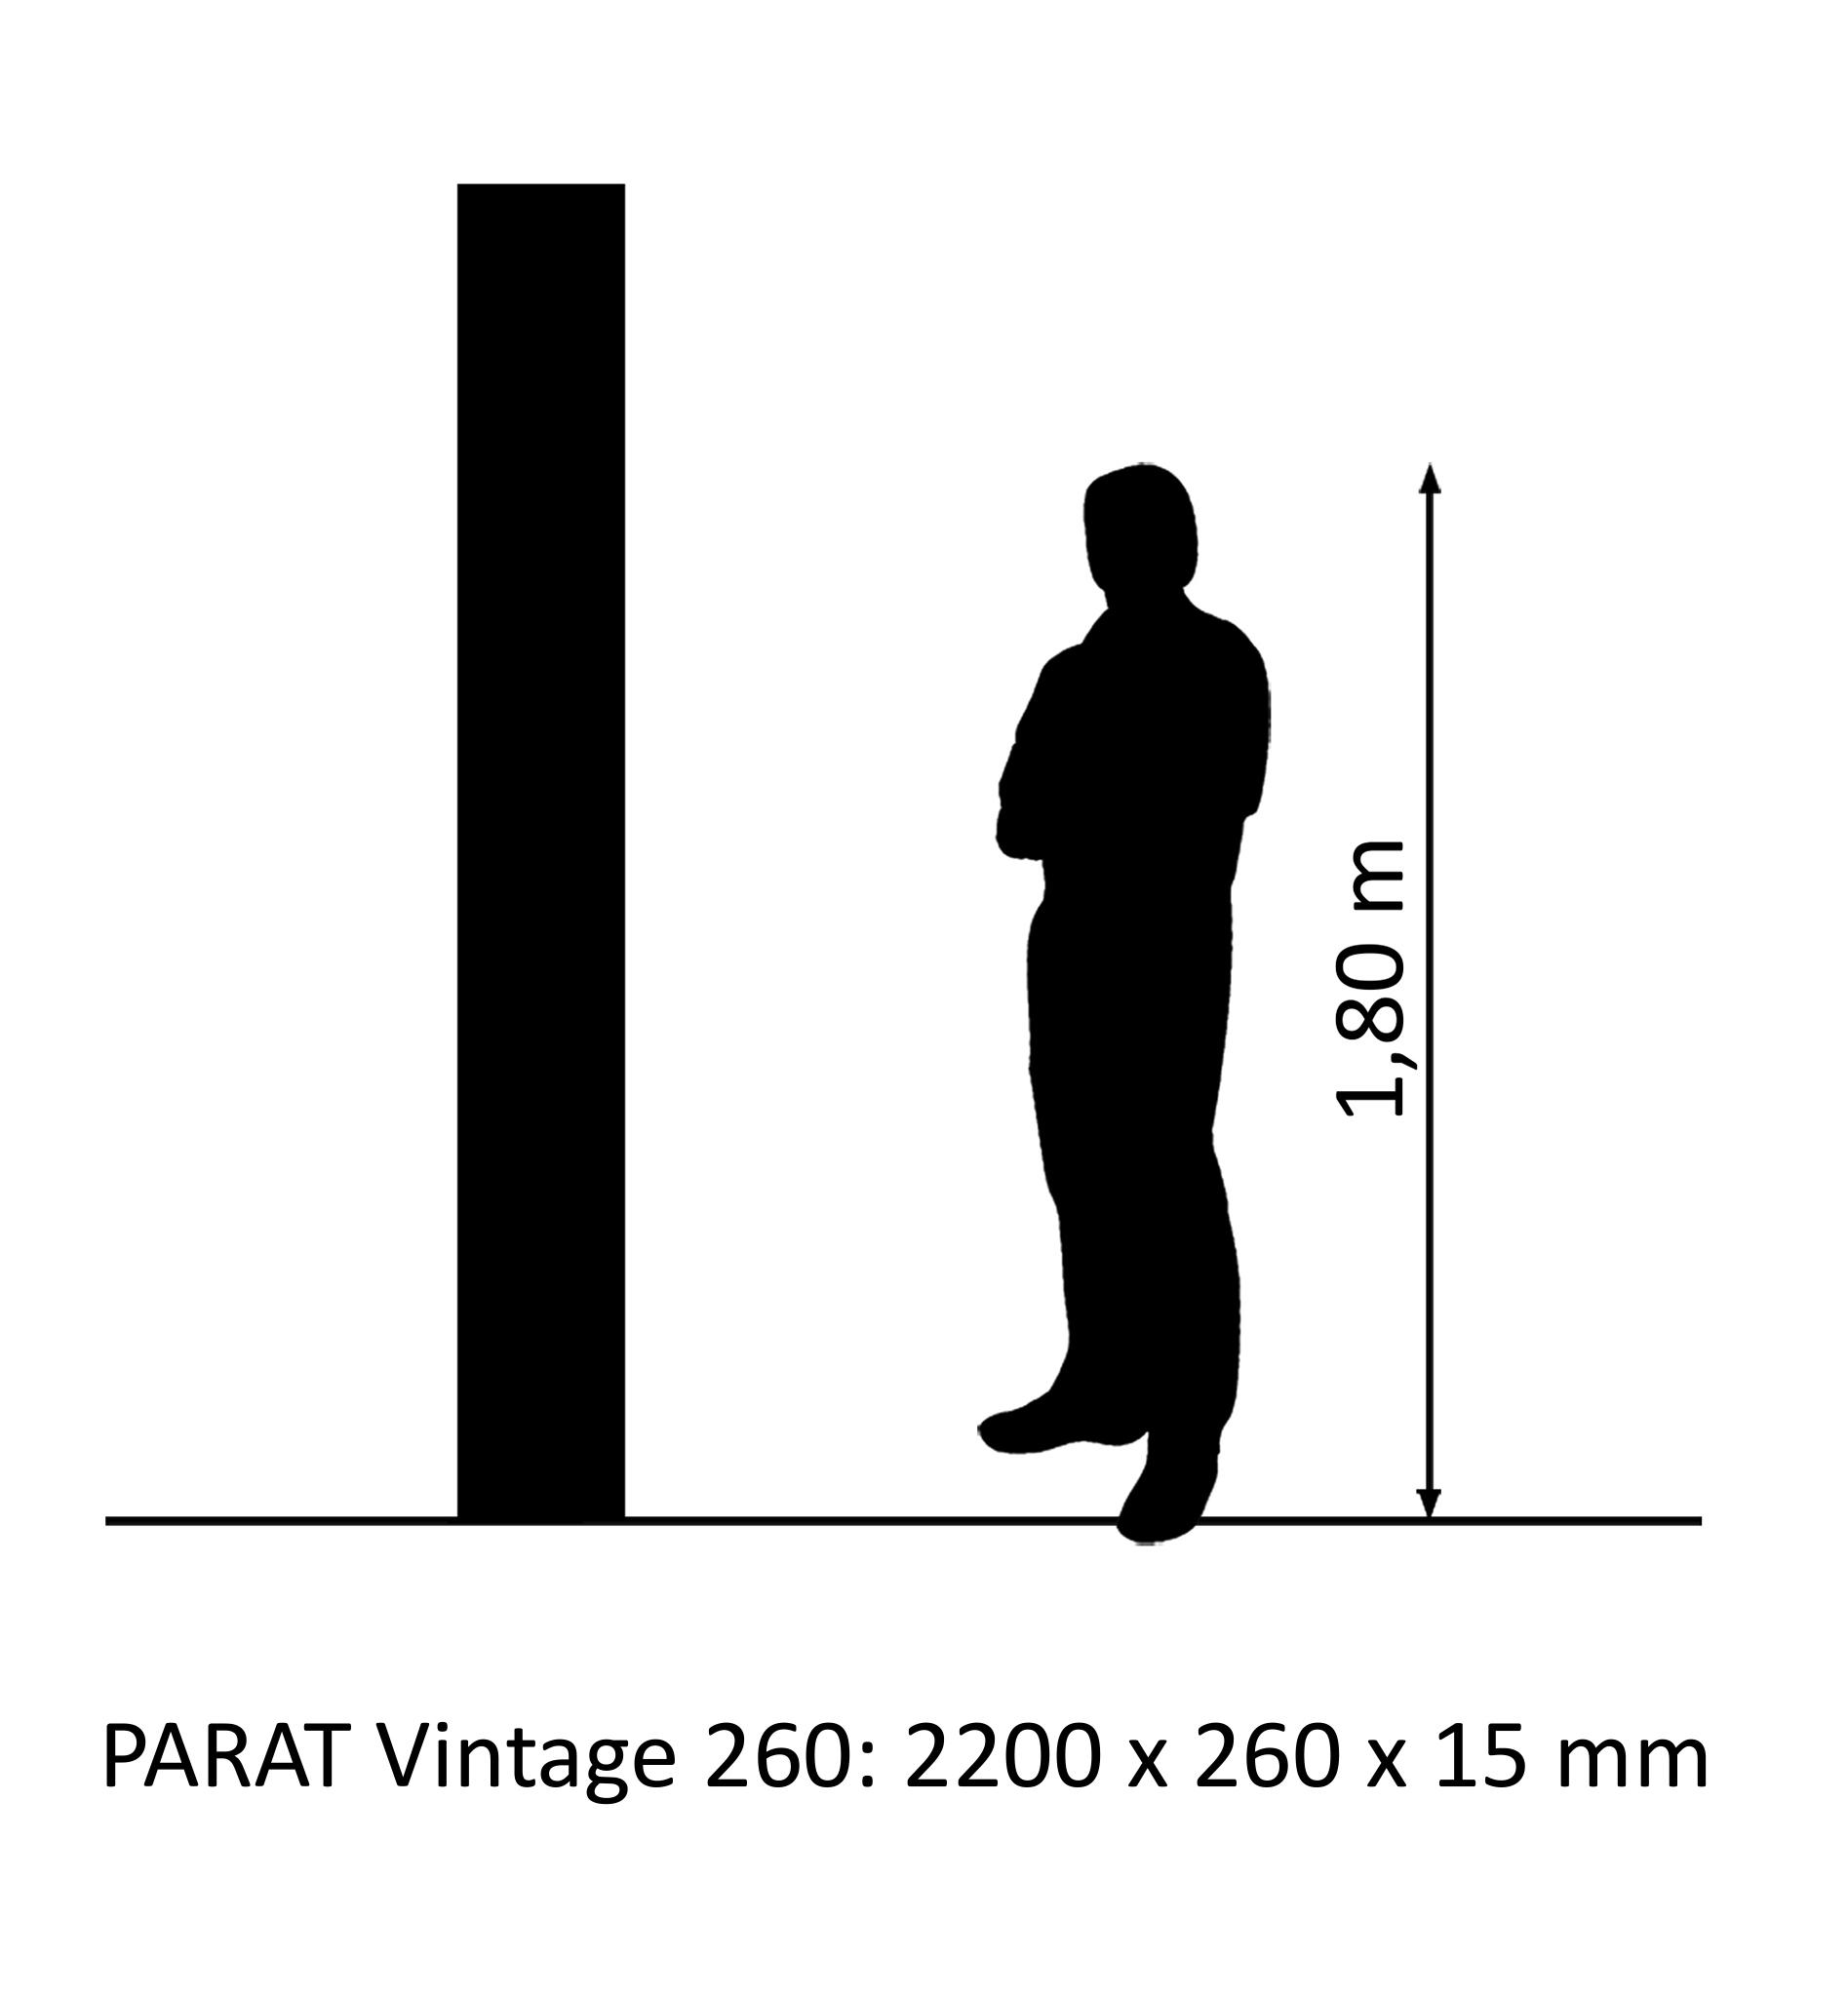 PARAT Vintage 260 Eiche XL 1-Stab